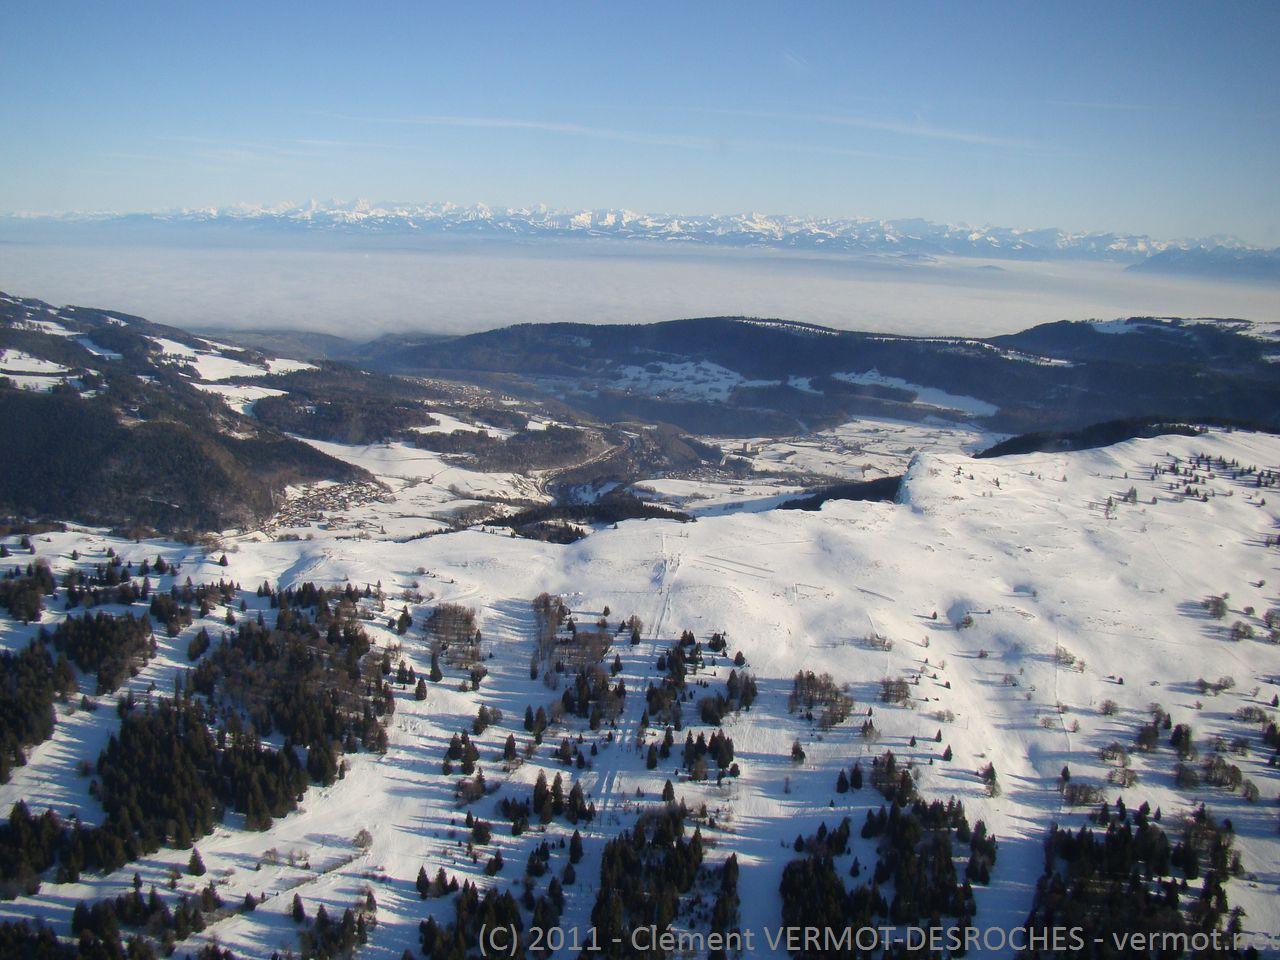 Les pistes de ski sur le mont d'Or, versant ouest